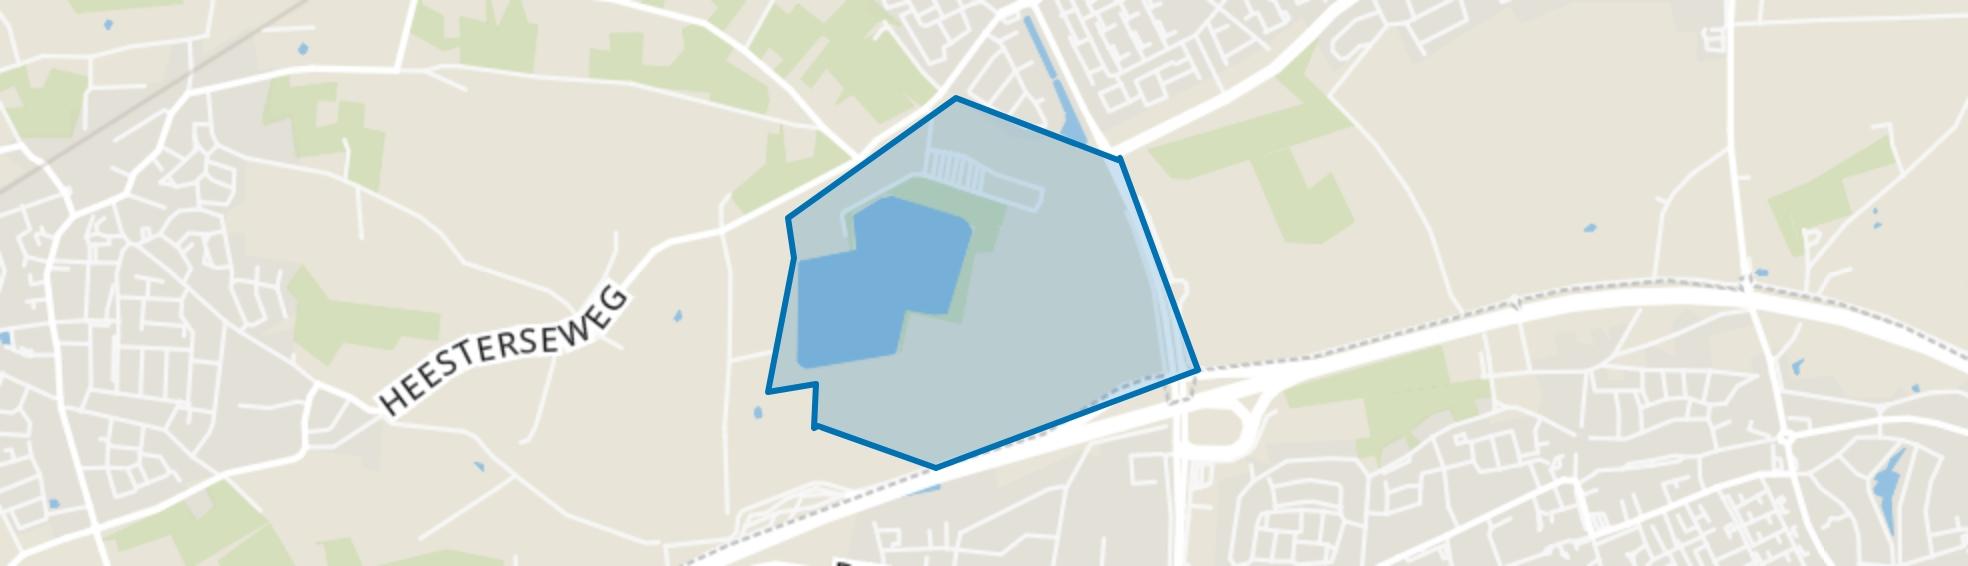 Geffense Bosjes, Oss map